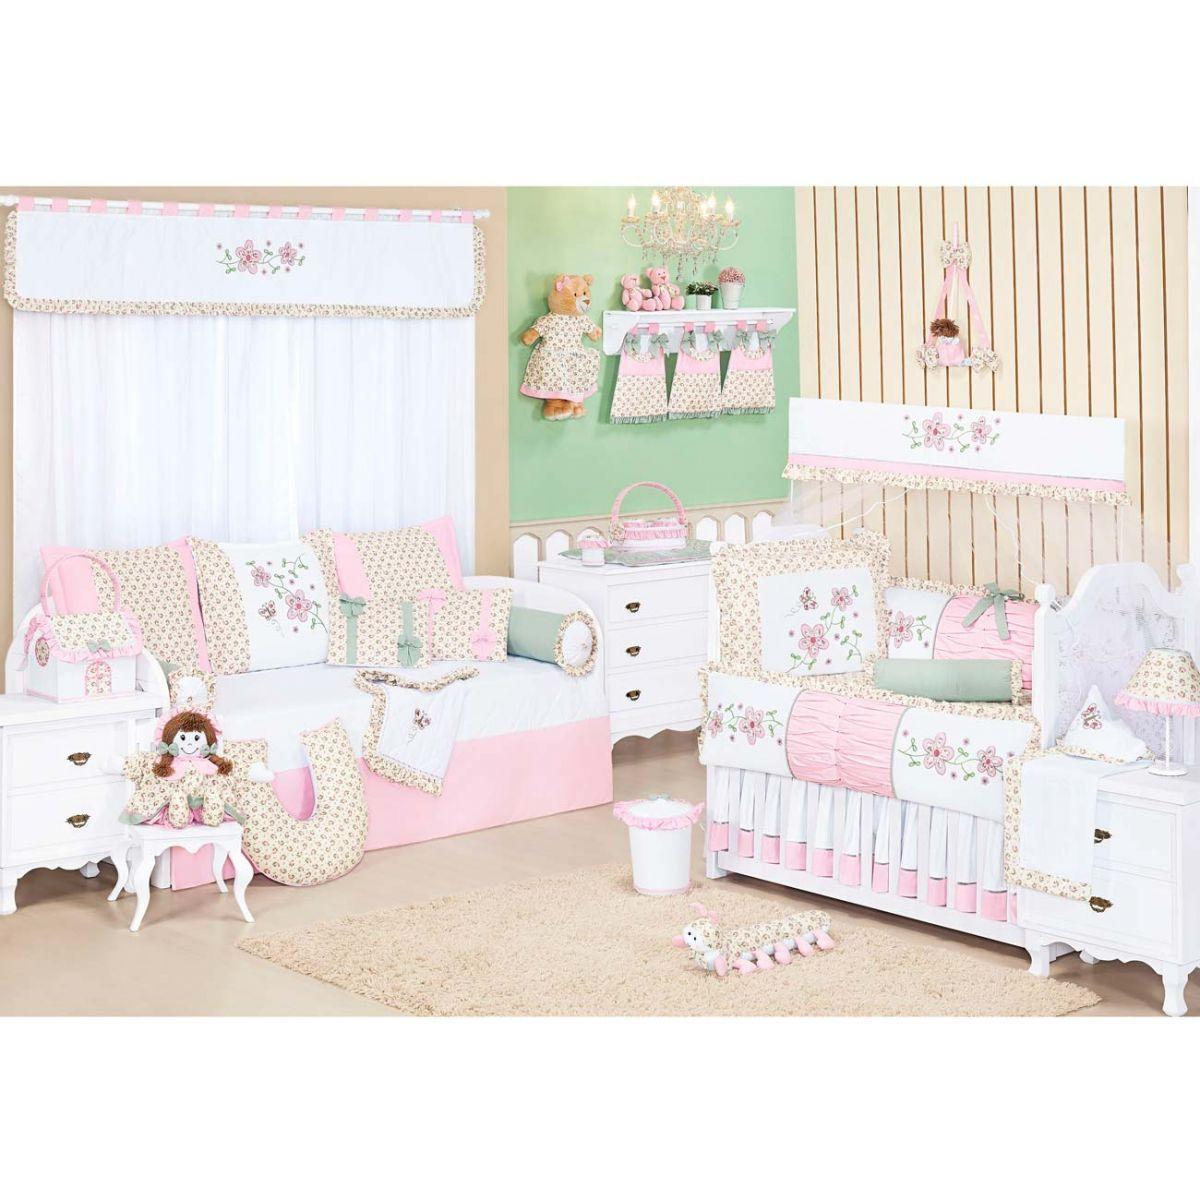 Cortina para Quarto de Bebê 2 Metros Coleção Baby Florence - Rosa